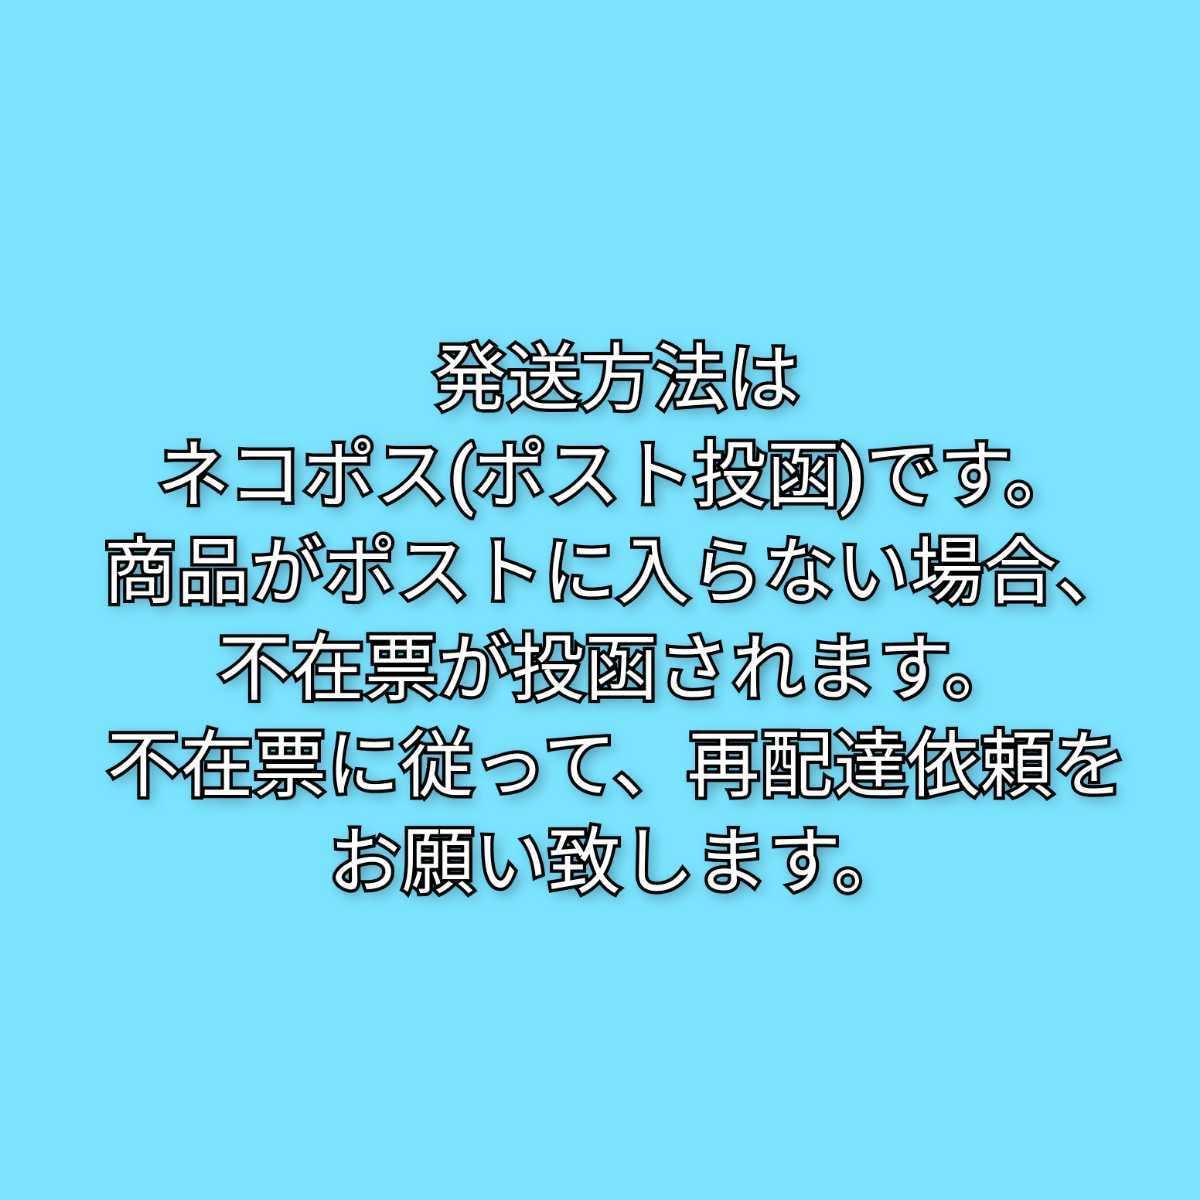 3種類18袋 澤井珈琲 ドリップコーヒー ビクトリーブレンド ブレンドフォルテシモ ビタークラシック_画像3